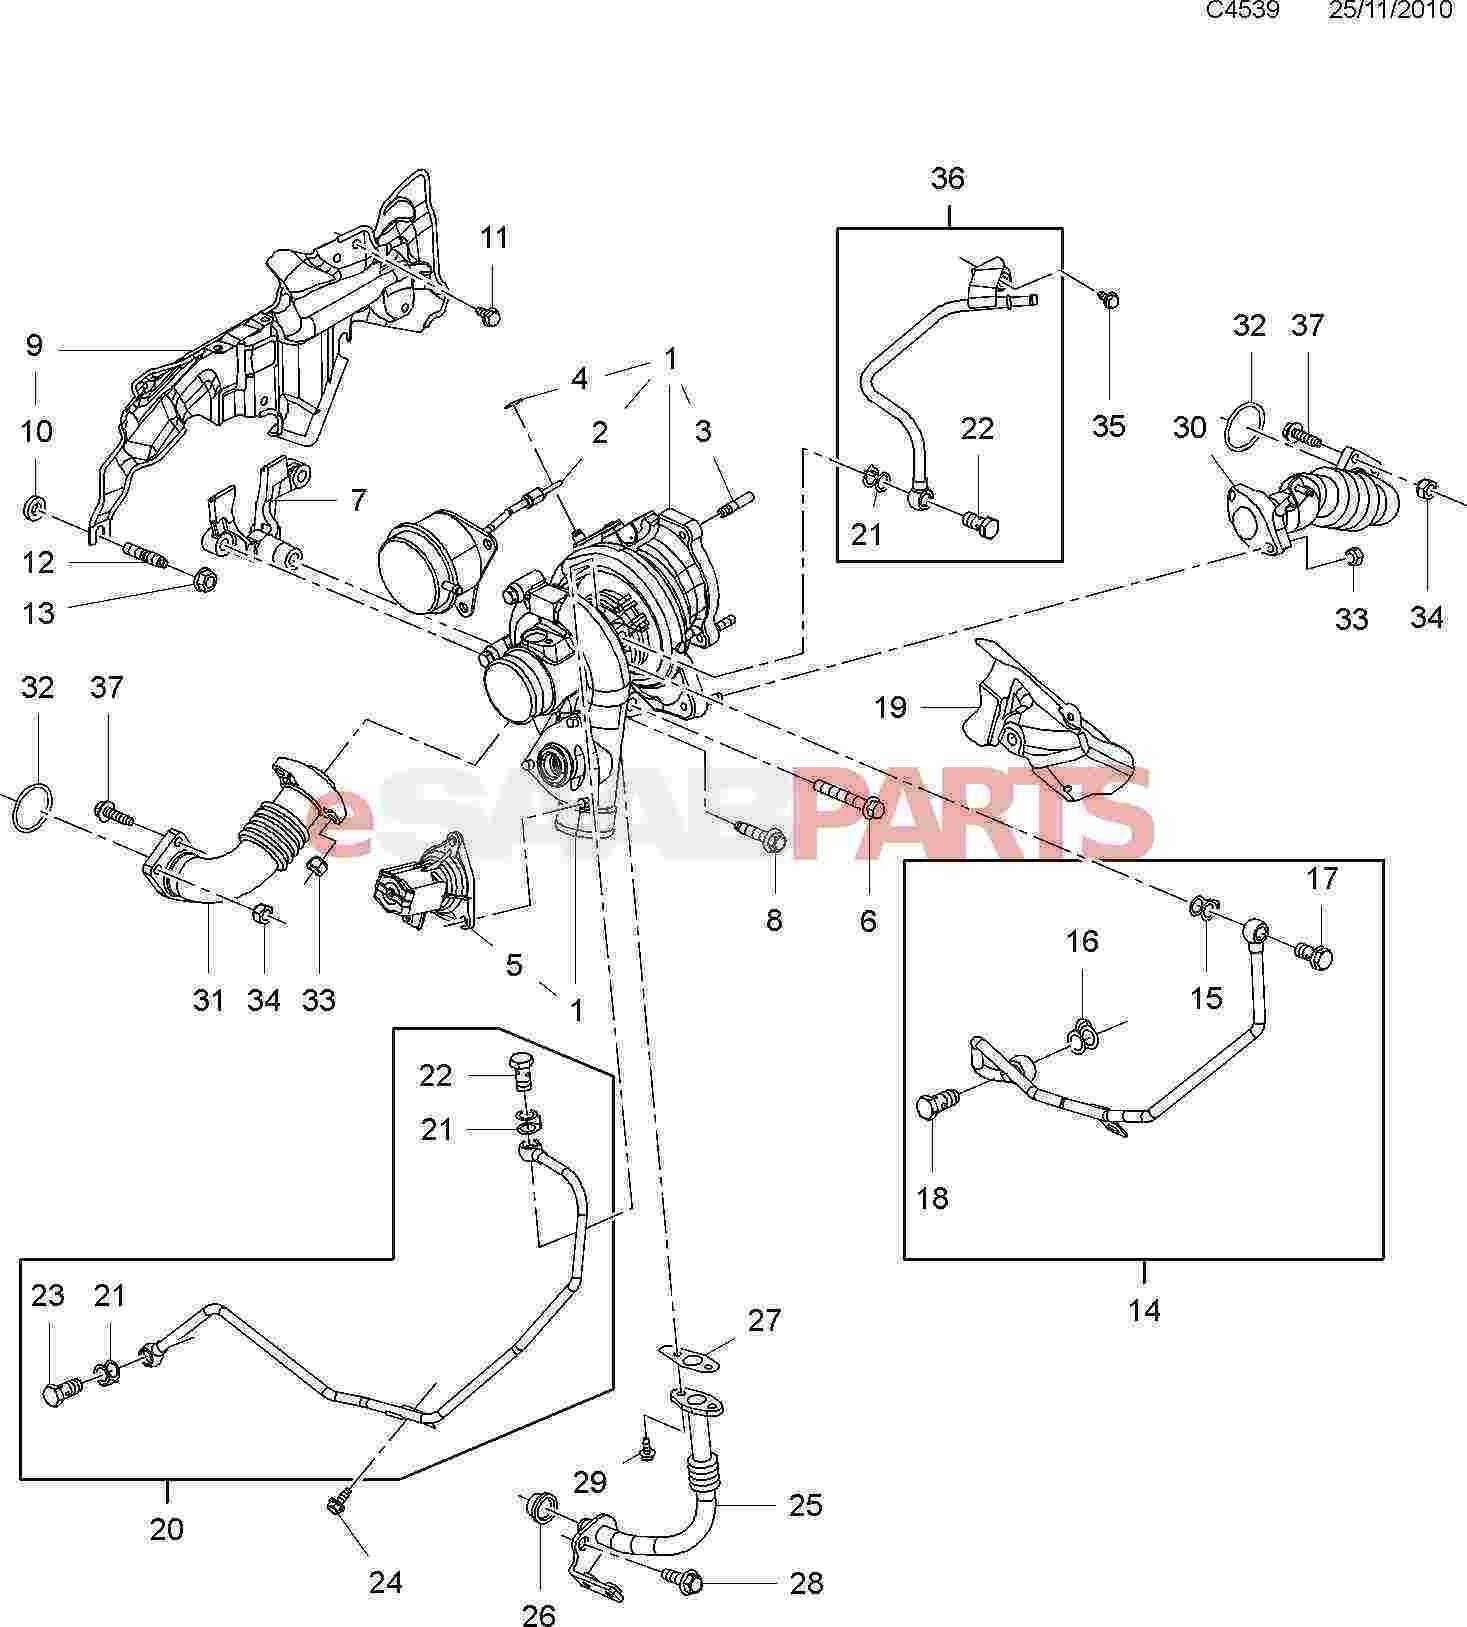 saab 9 3 engine schema cablage